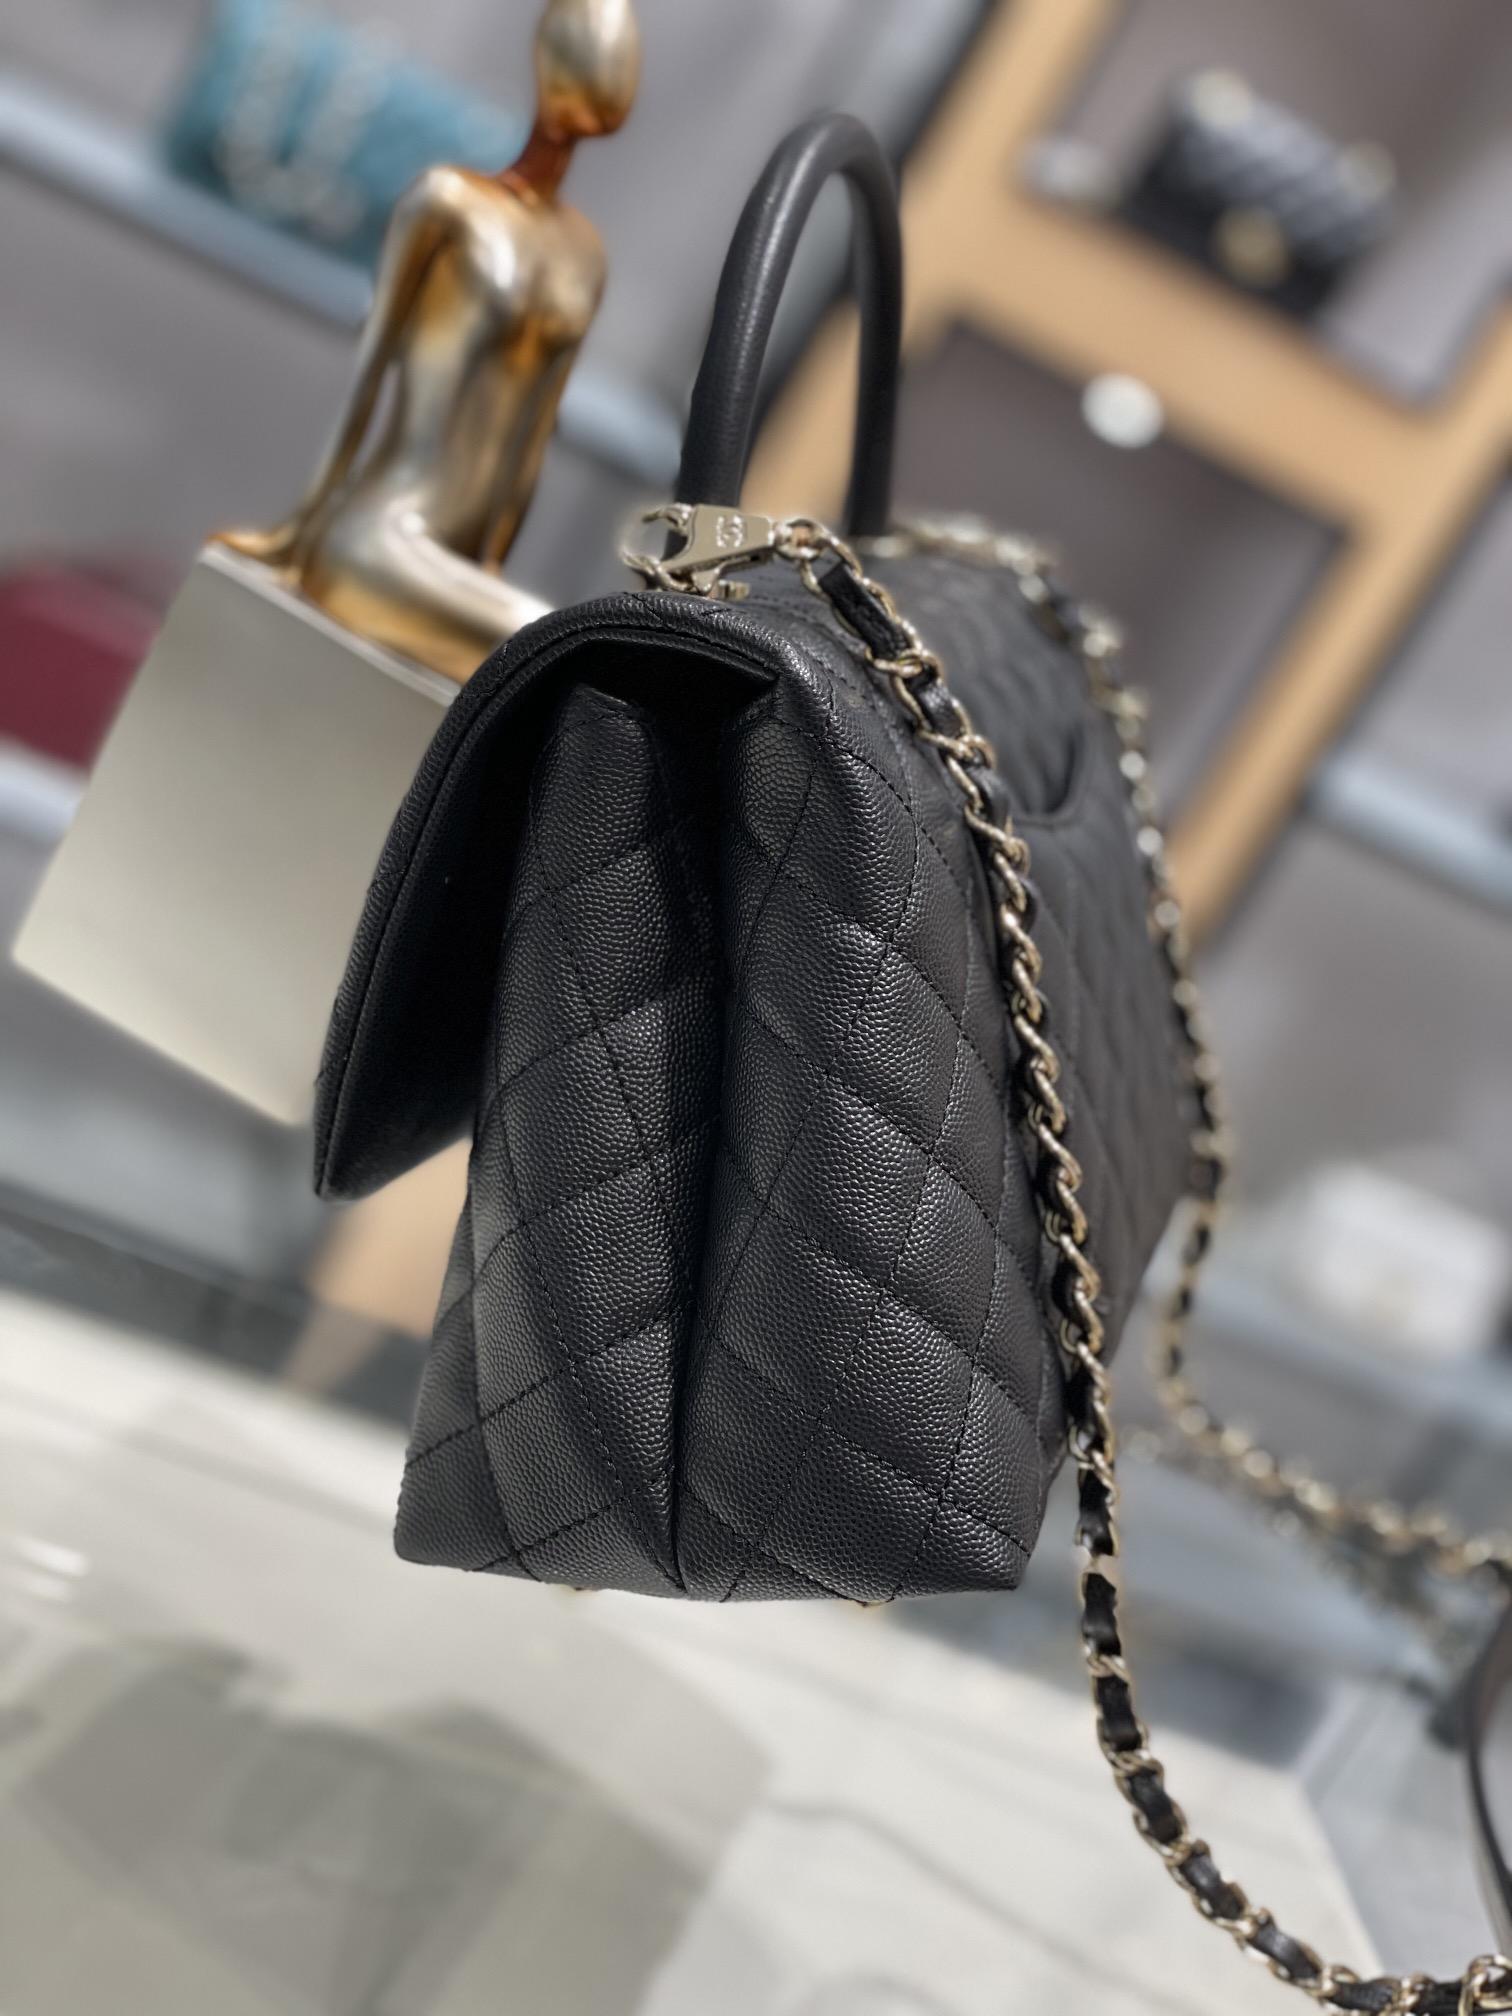 小香 一包难求的Coco handle中号 搭配最新淡金扣五金配件手提单肩气质大方百搭